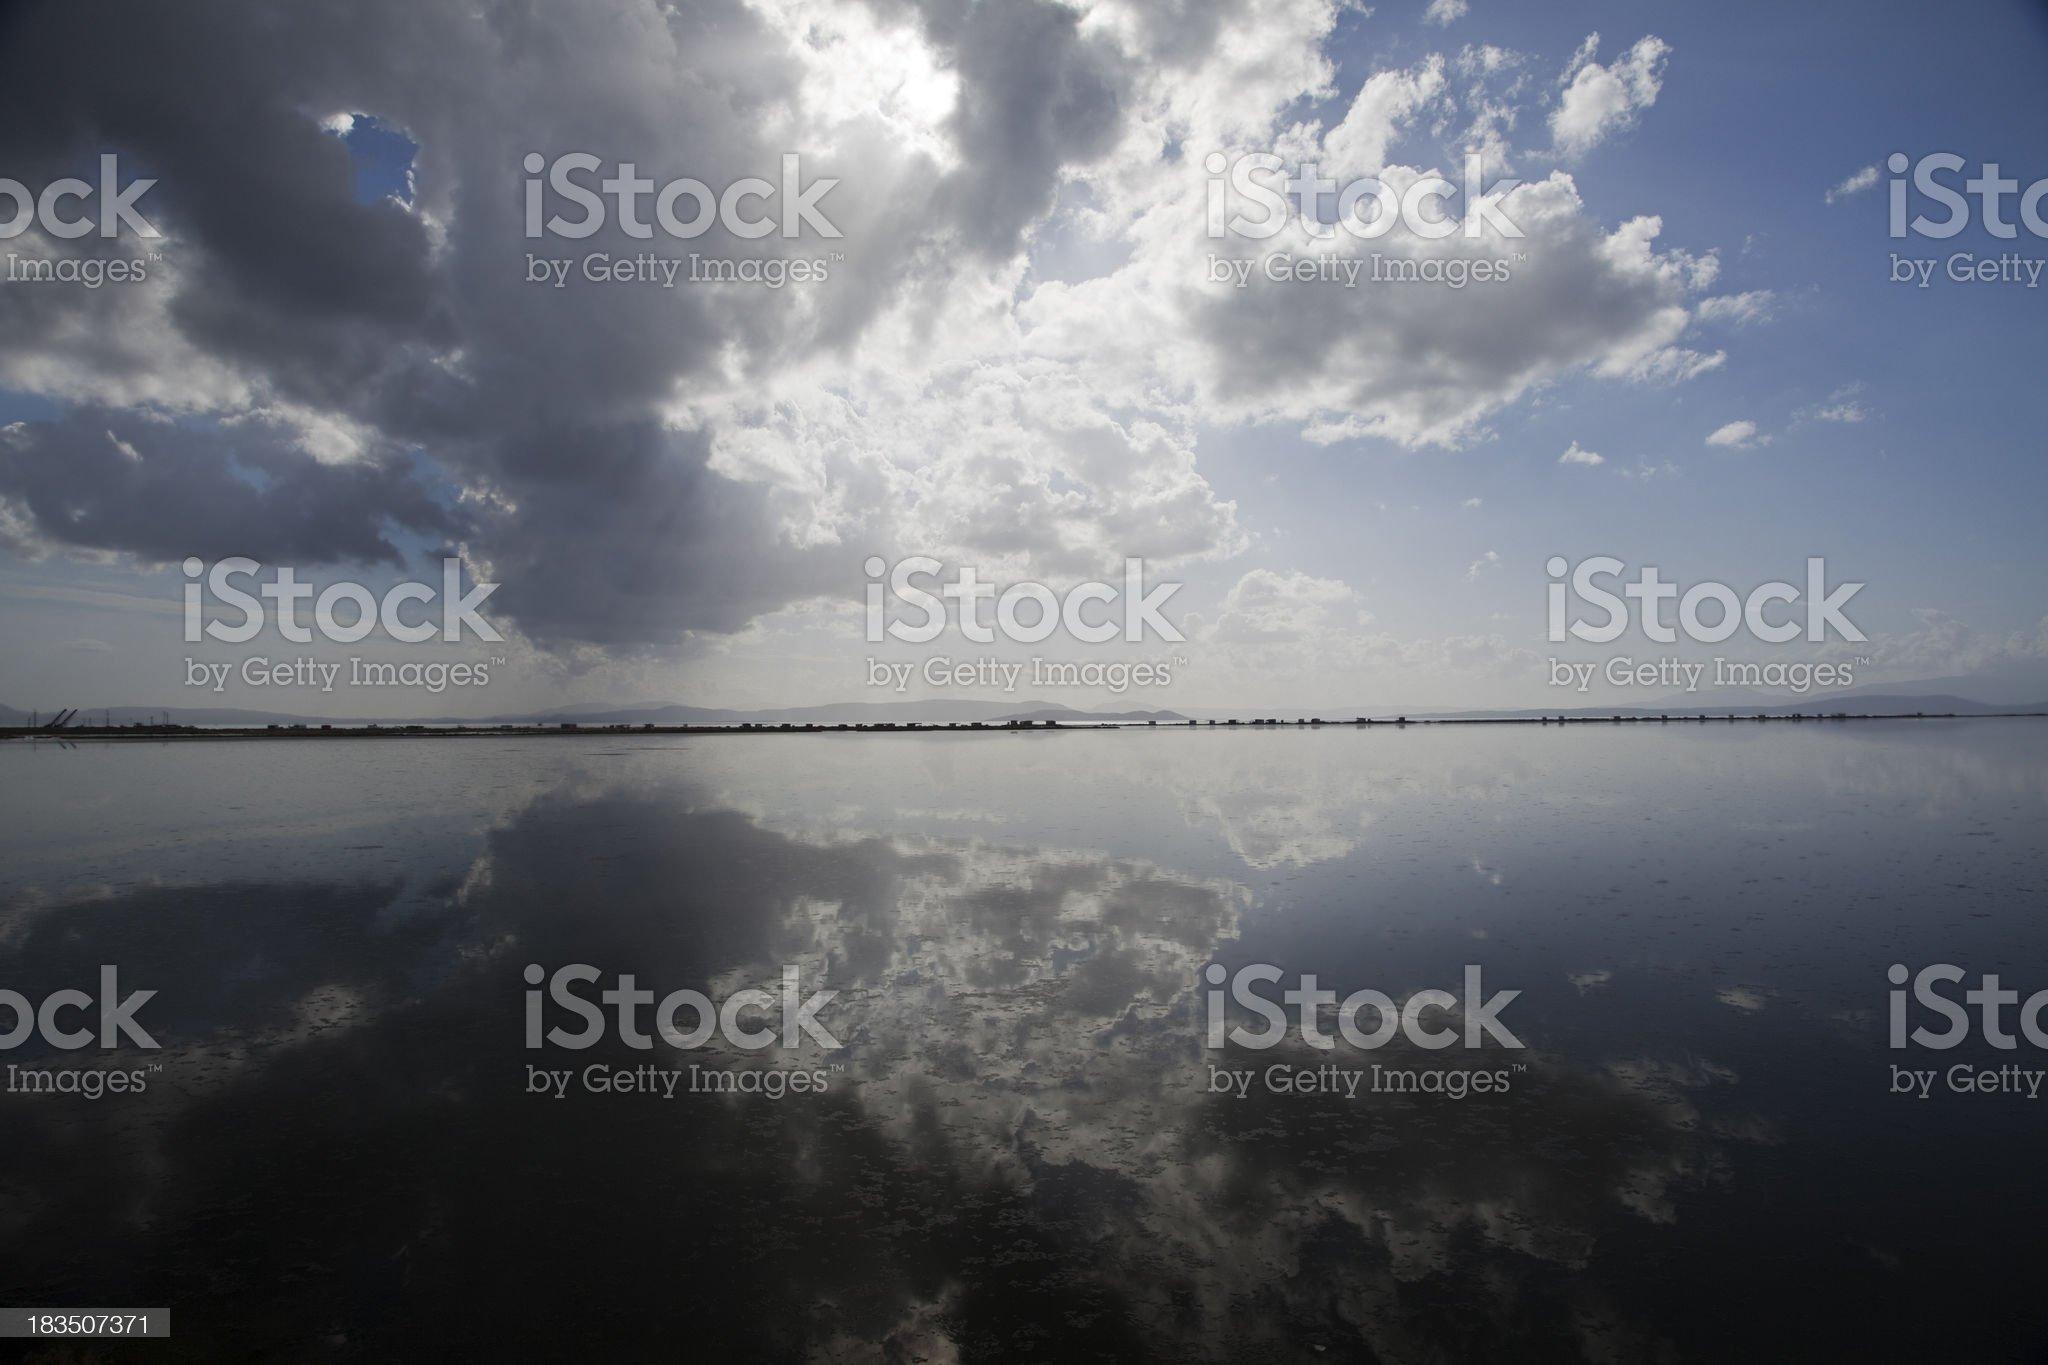 Sunset Lake Reflection royalty-free stock photo